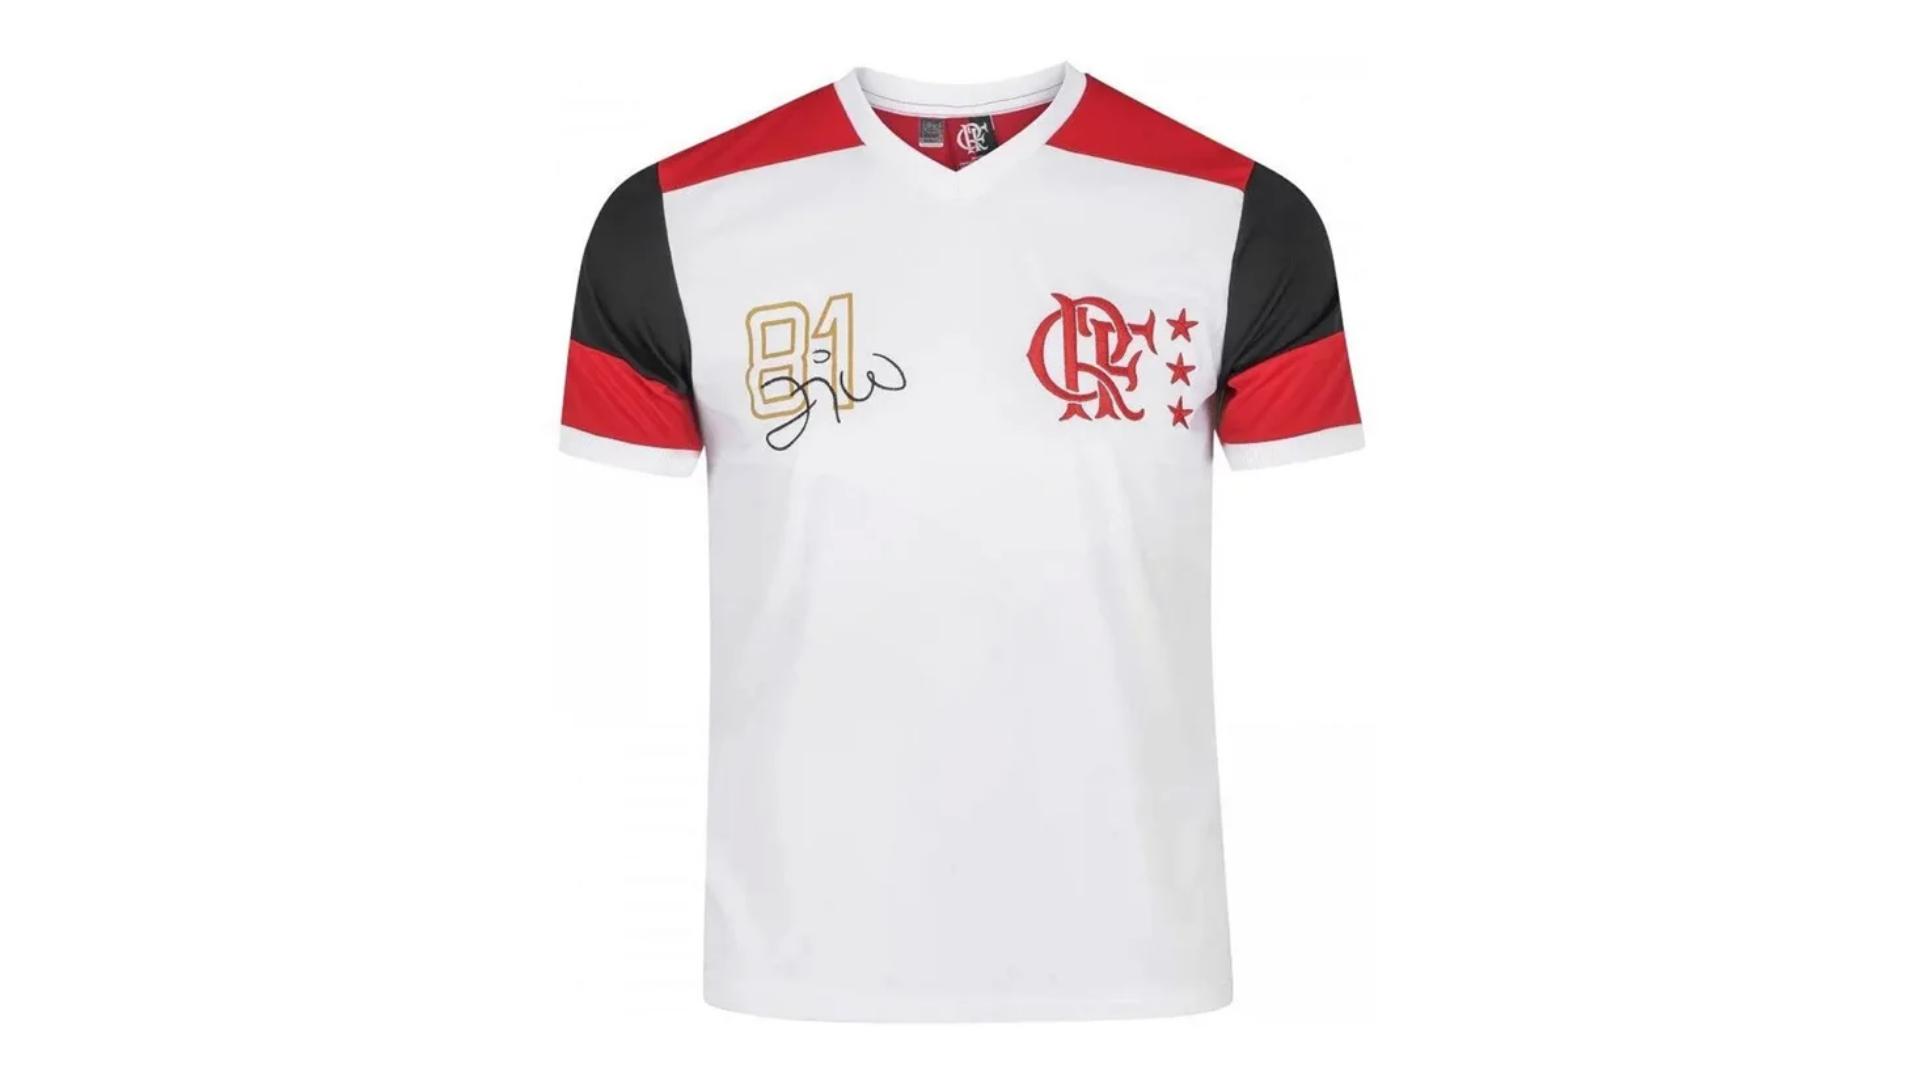 Camisa do Flamengo Retrô 2020 Zico Braziline (Imagem: Divulgação/Braziline)